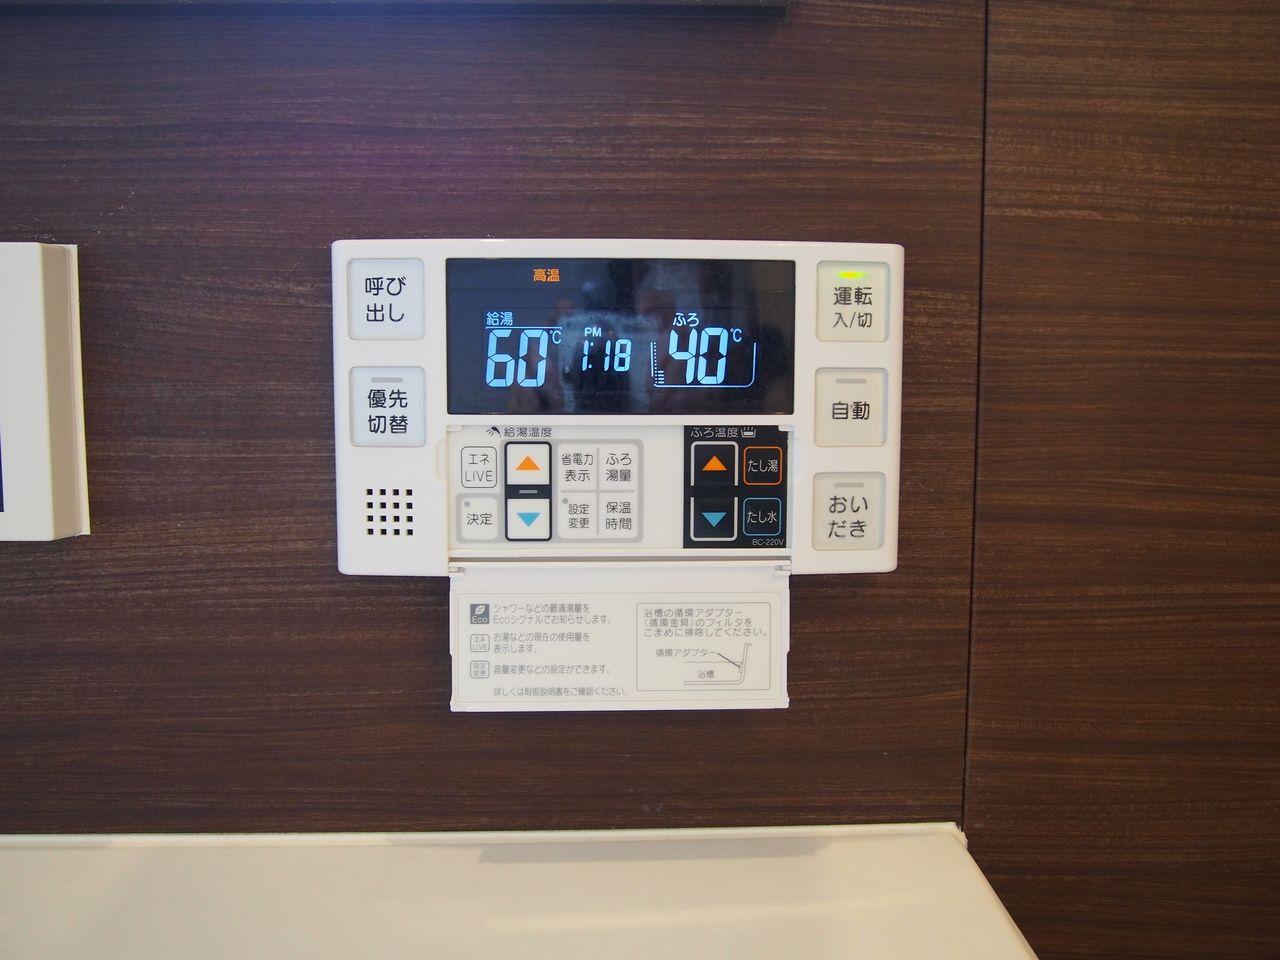 エコジョーズを採用。ユニットバスやキッチン、洗面などでの湯切れのない同時給湯ができる。高い熱効率でガス使用量を削減。